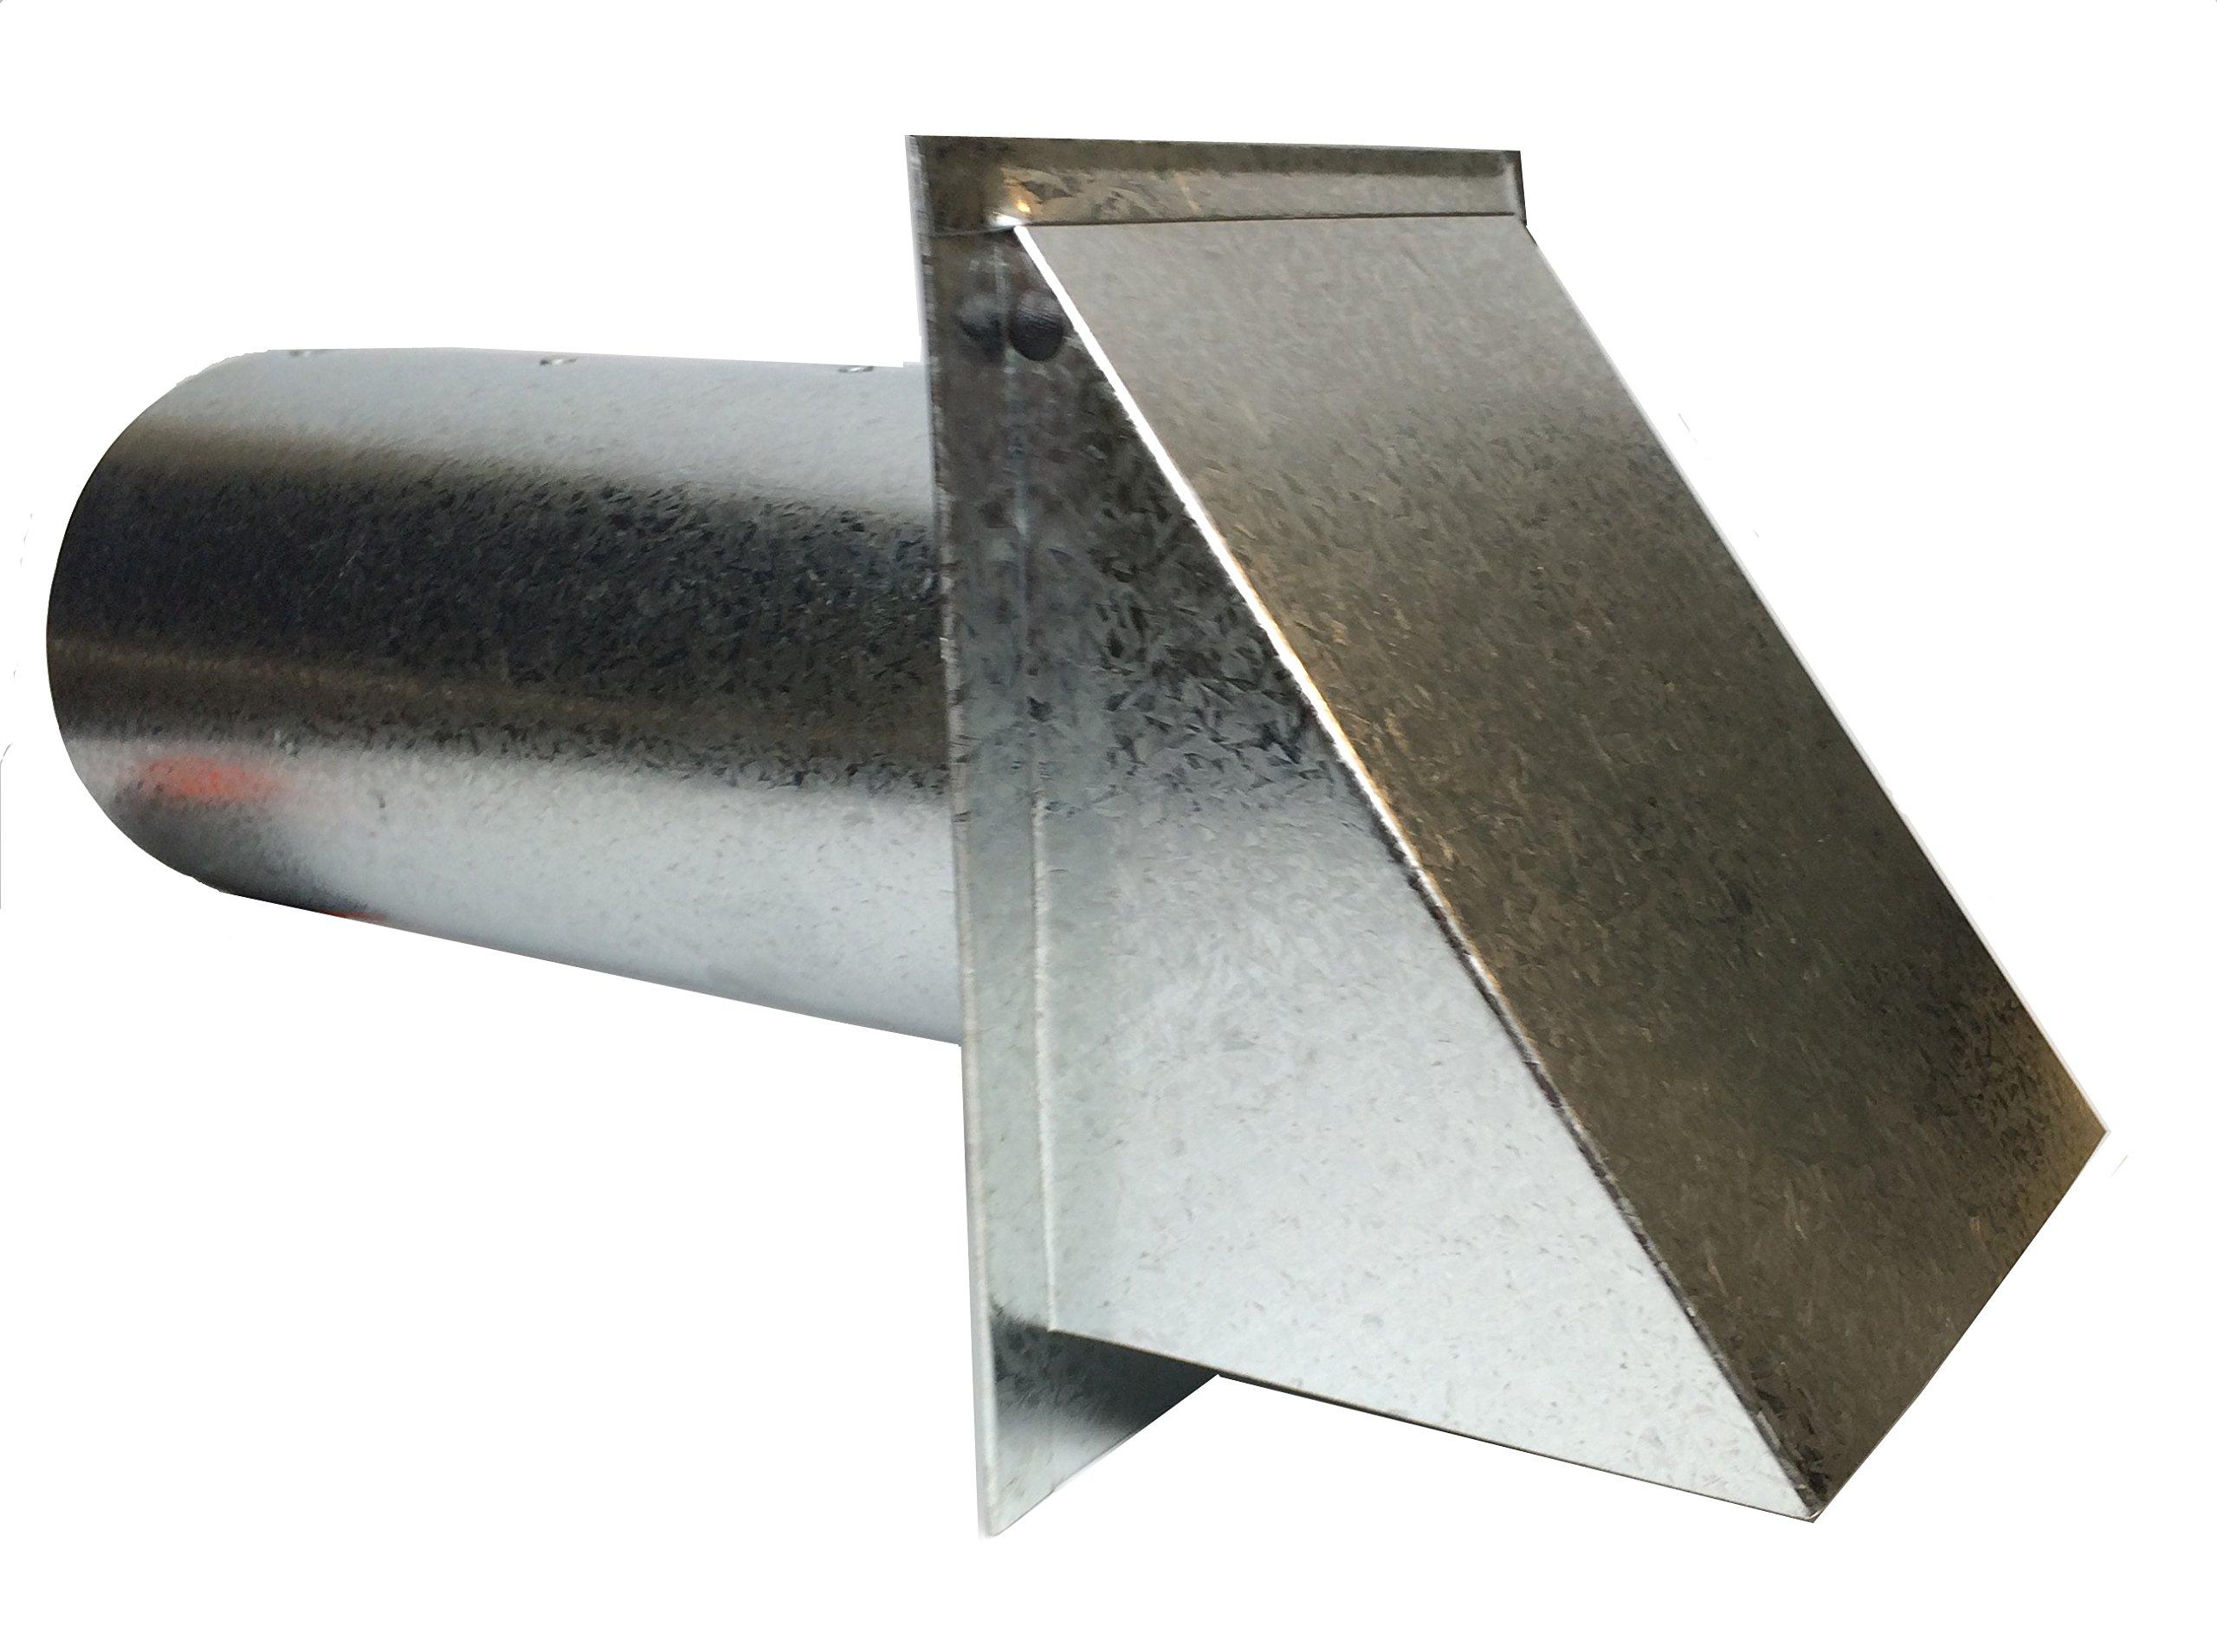 Dryer Vent - 4 Inch Metal Dryer Vent Hood